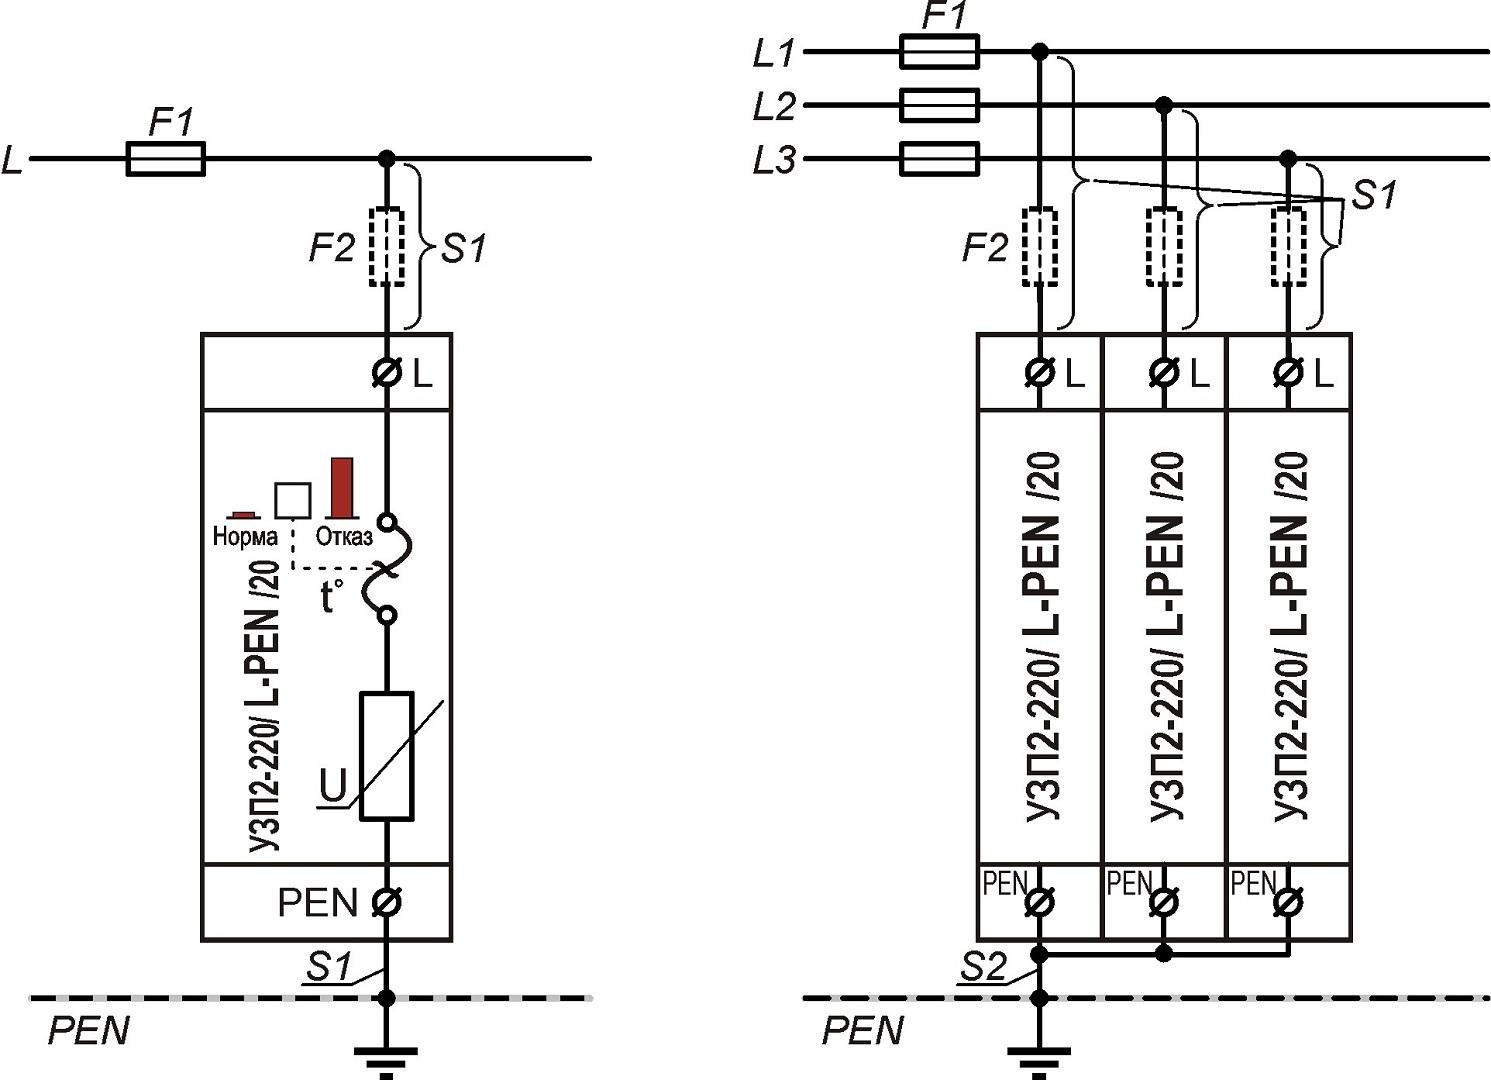 Схемы подключения УЗП2-220/L-PEN/20 для однофазной сети и для трехфазной сети